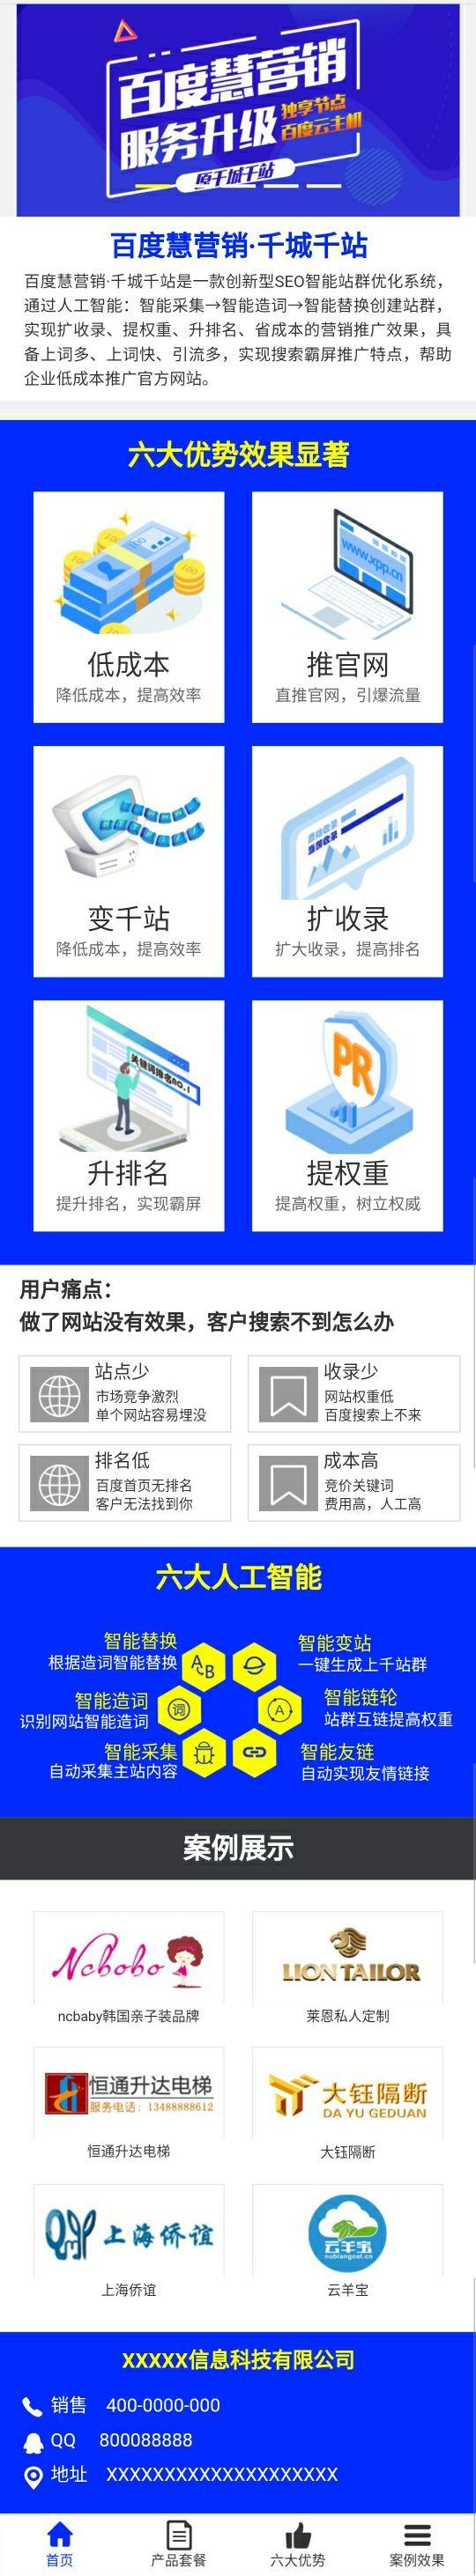 千城千站小程序展示模板